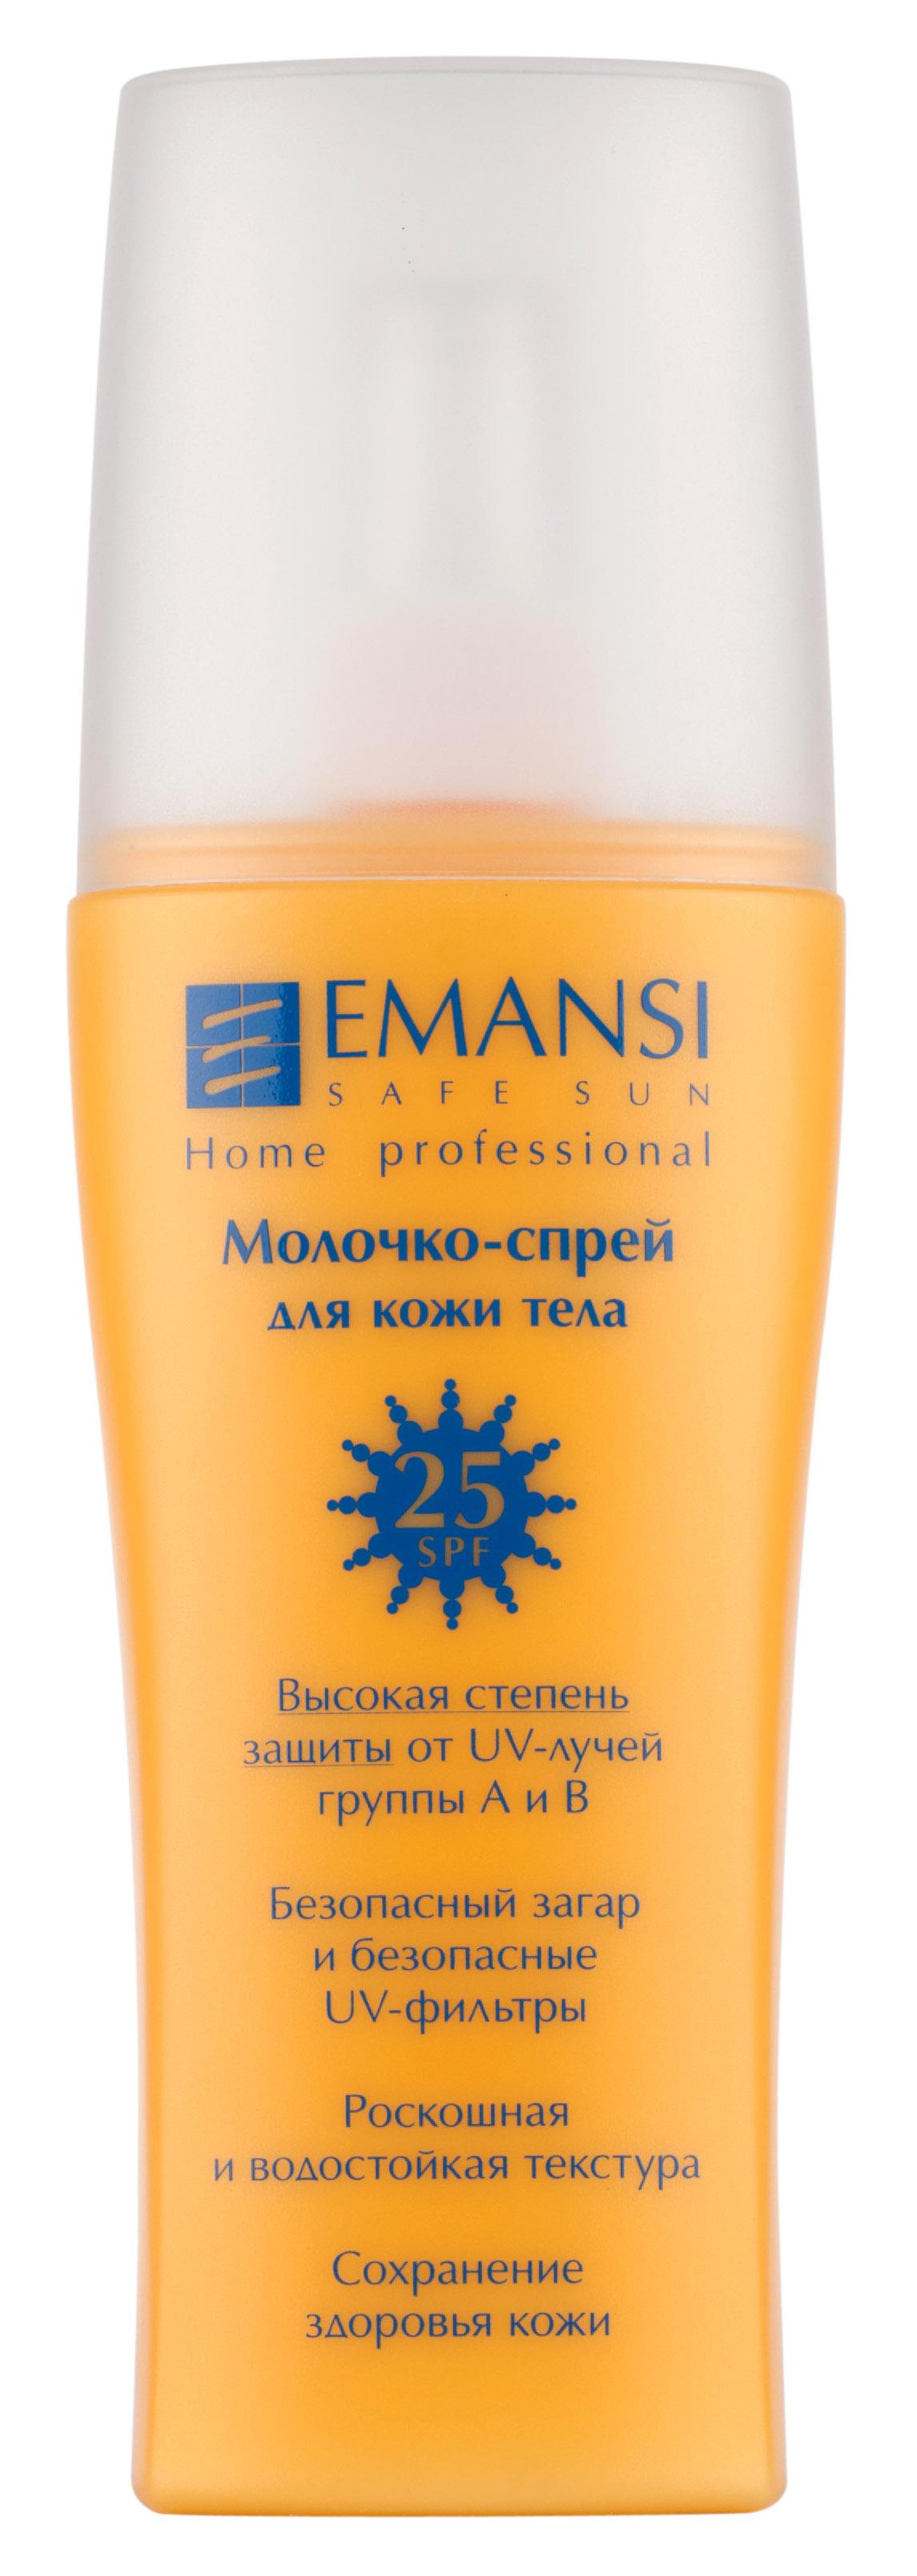 Emansi Молочко-спрей для кожи тела Safe sun SPF 25, 150 млFS-00897- Высокая степень защиты от UV-лучей группы А и В- Безопасный загар и безопасные UV-фильтры- Роскошная и водостойкая текстура- Сохранение здоровья кожи - Защищает от UV-лучей группы А и В благодаря включению безопасных UV-фильтров- Устойчиво к действию воды и пота- Подходит для любой, в том числе и чувствительной кожи